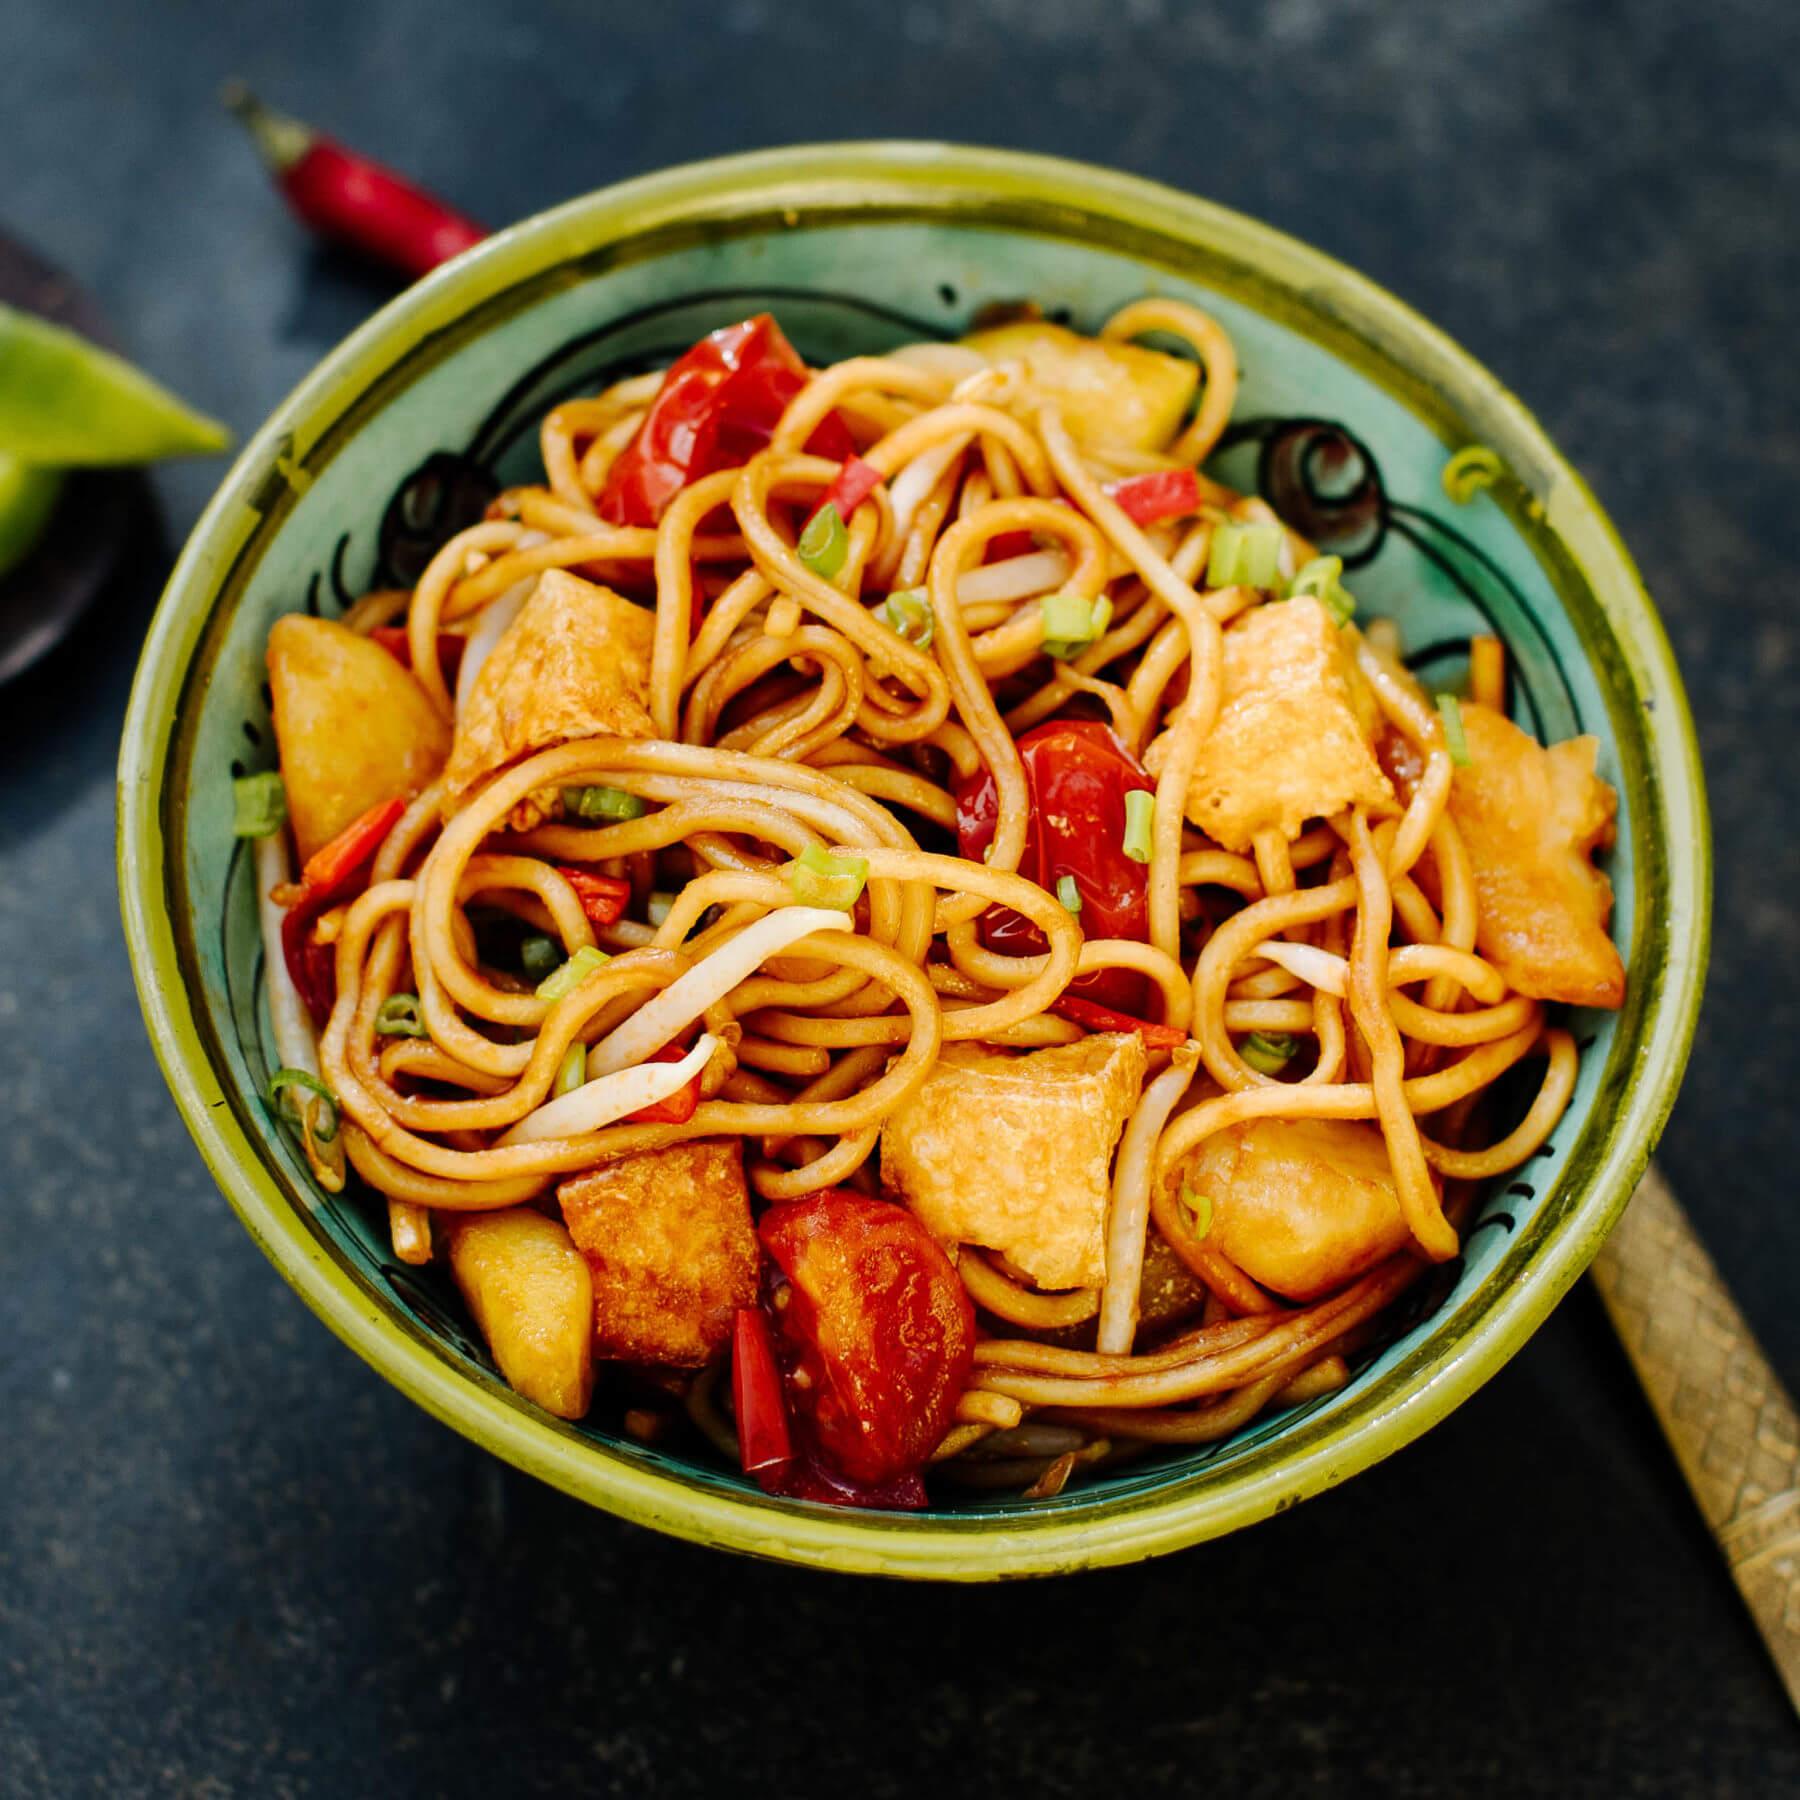 Veggie Mee Goreng – Indonesische gebratene Nudeln vegetarisch